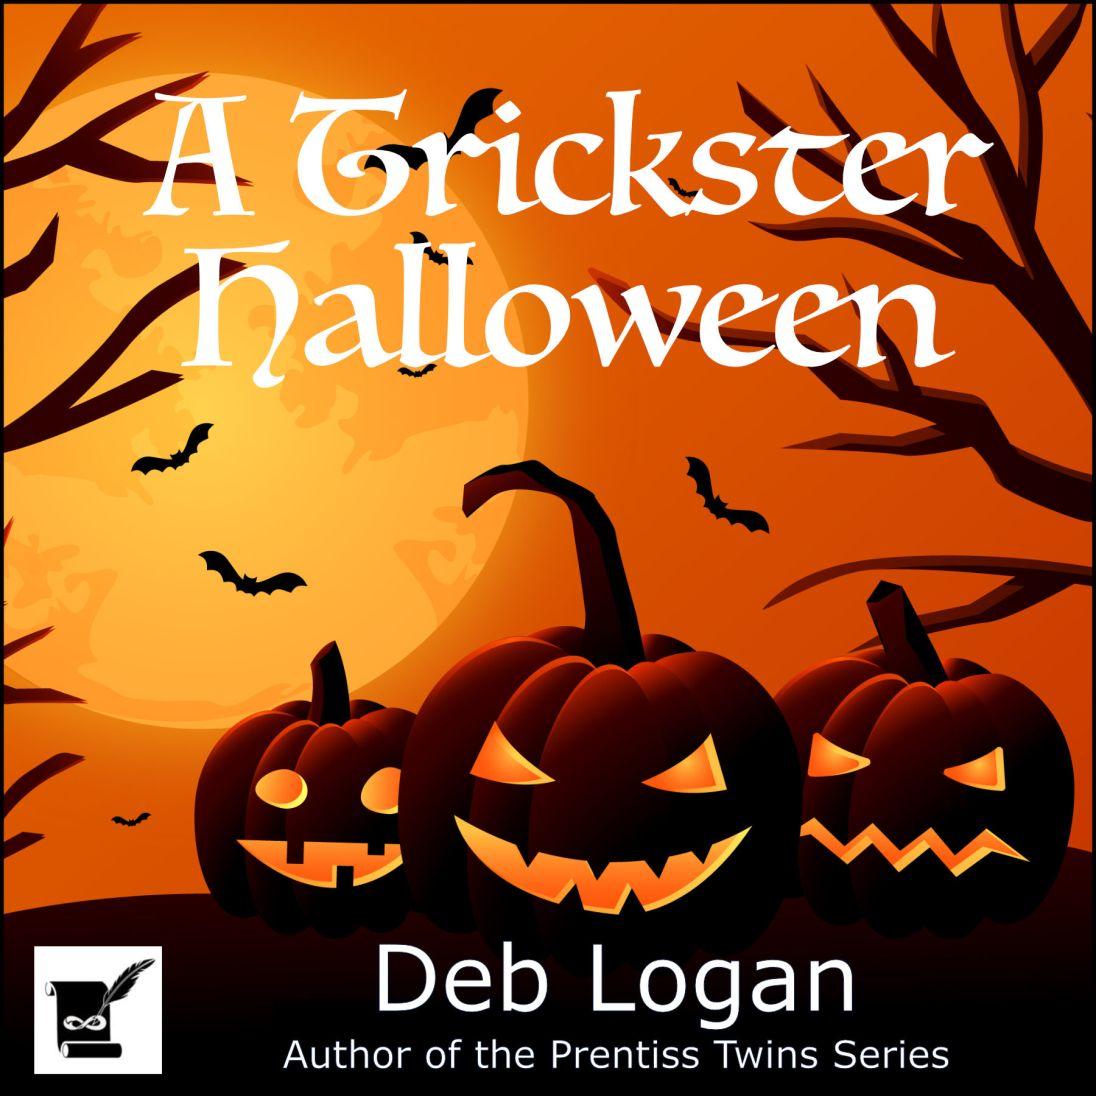 Trickster Halloween